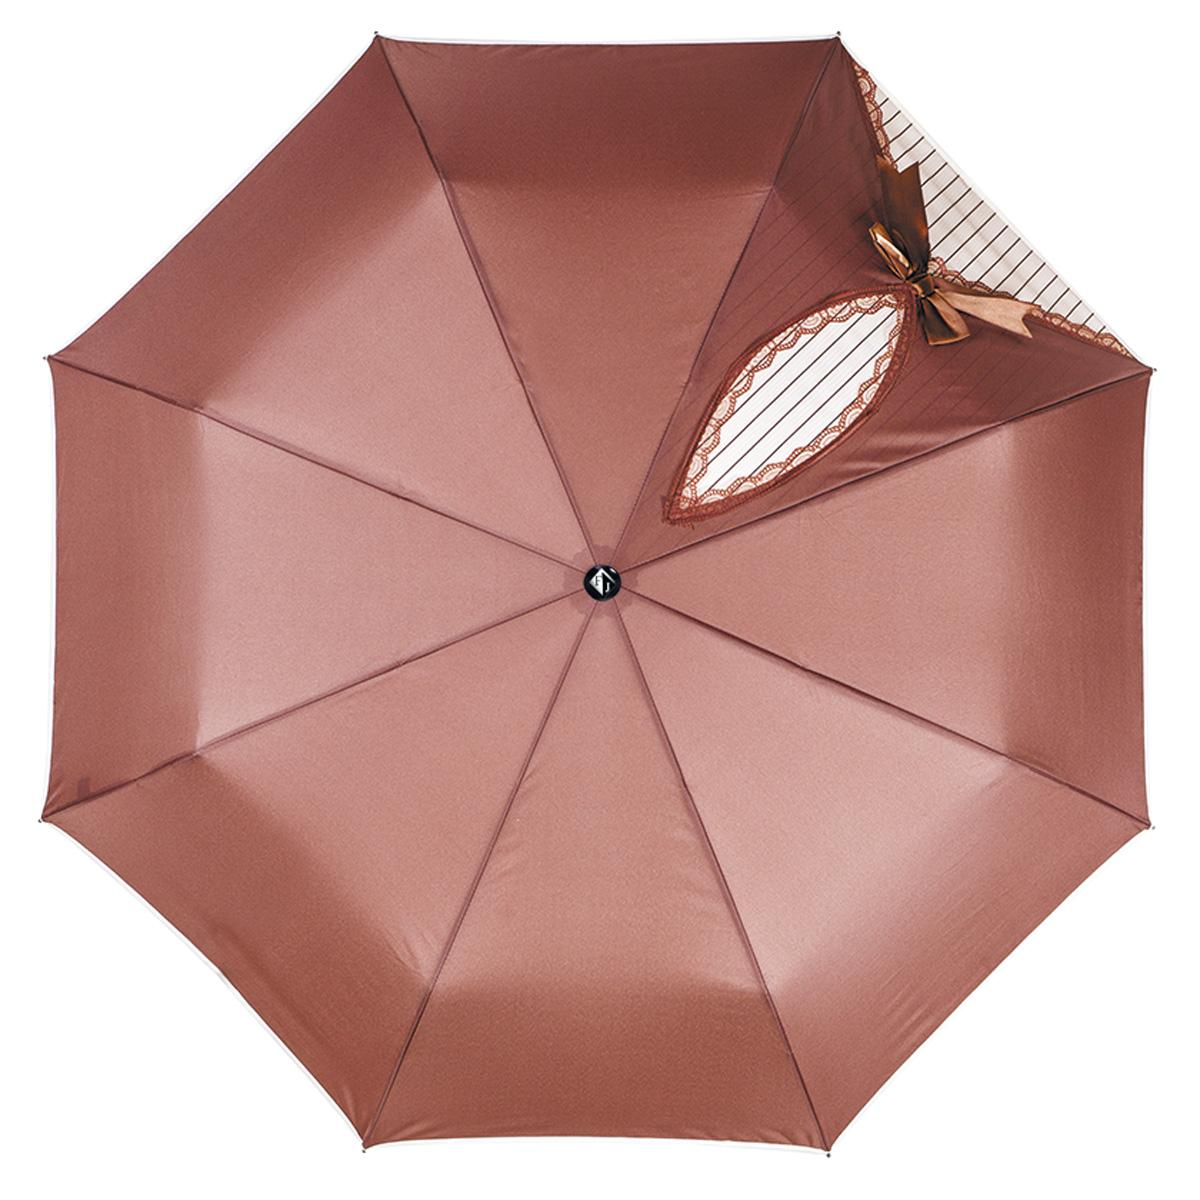 Зонт женский Flioraj Кокетка, автомат, 3 сложения, цвет: коричневый. 20001 FJ20001 FJОчаровательный автоматический зонт Flioraj Кокетка в 3 сложения отлично подойдет для ненастной погоды. Ветростойкий каркас зонта, изготовленный из анодированной стали, состоит из восьми спиц и прочного стержня. Купол зонта с тефлоновой пропиткой выполнен из полиэстера и оформлен узором в полоску, кружевной оторочкой и милым бантиком. Модель оснащена рукояткой из пластика. Зонт имеет полный автоматический механизм сложения: купол открывается и закрывается нажатием кнопки на рукоятке, стержень складывается вручную до характерного щелчка. Благодаря этому открыть и закрыть зонт можно одной рукой, что чрезвычайно удобно при входе в транспорт или помещение. Небольшой шнурок, расположенный на рукоятке, позволяет надеть изделие на руку при необходимости. Модель закрывается при помощи хлястика на кнопке. Такой зонт не только надежно защитит вас от дождя, но и станет стильным аксессуаром, который идеально подчеркнет ваш неповторимый образ.